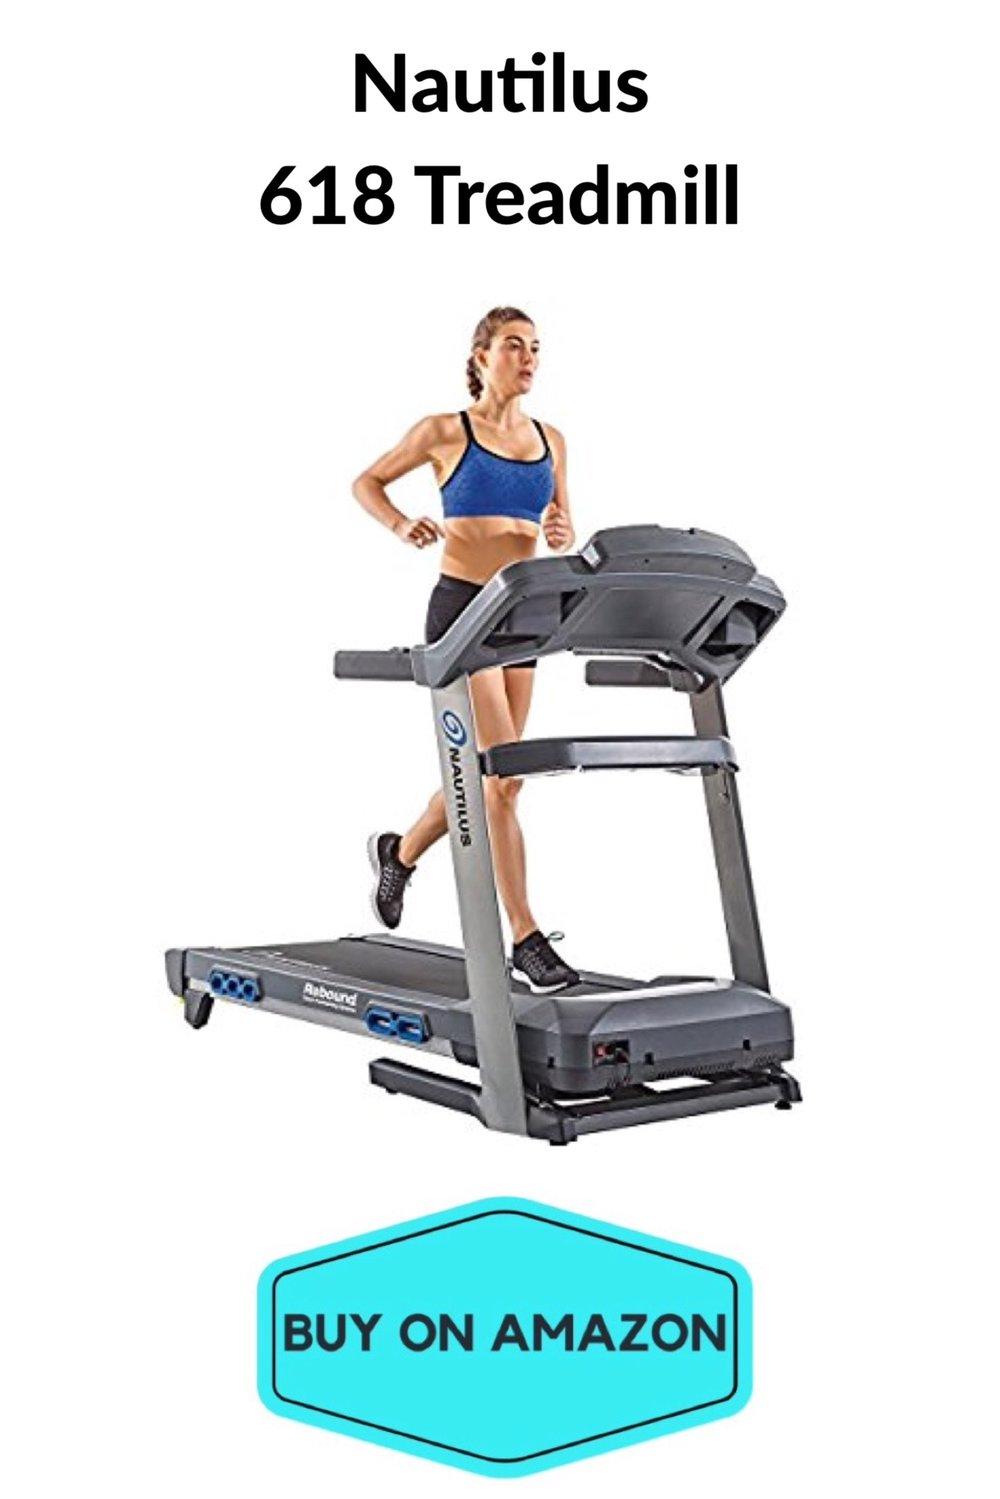 Nautilus 618 Treadmill